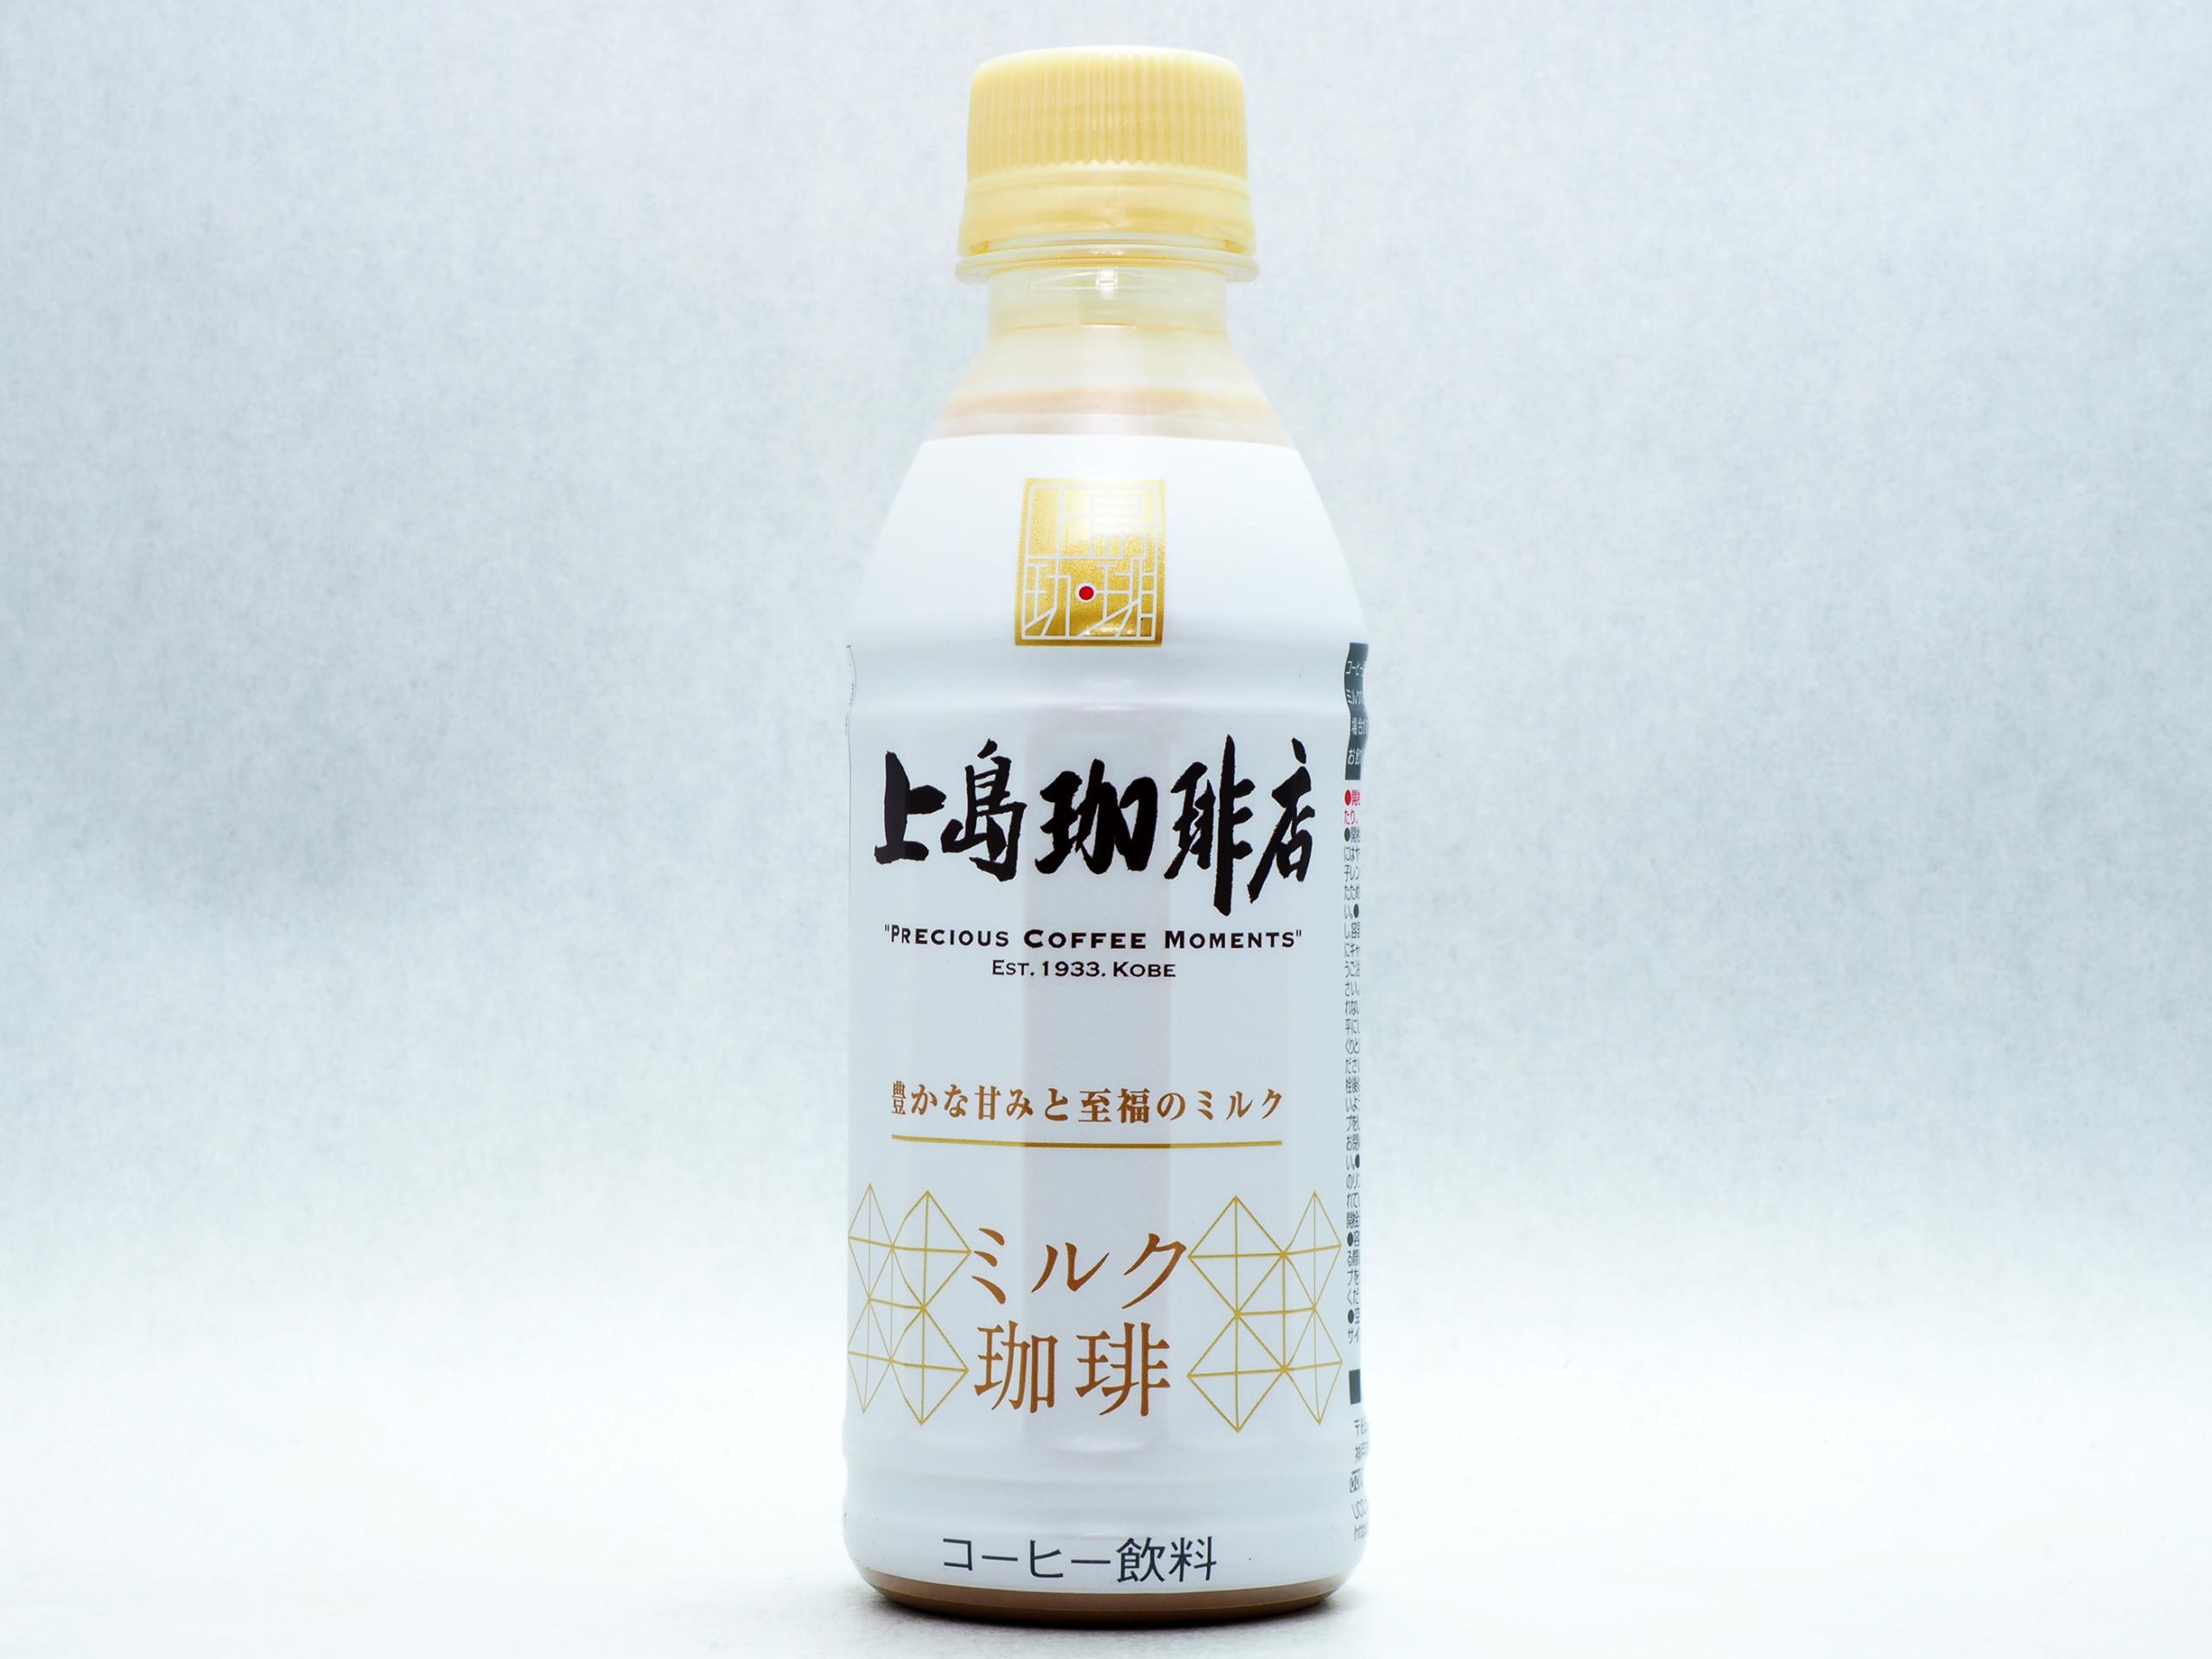 上島珈琲店 ミルク珈琲 PET270ml